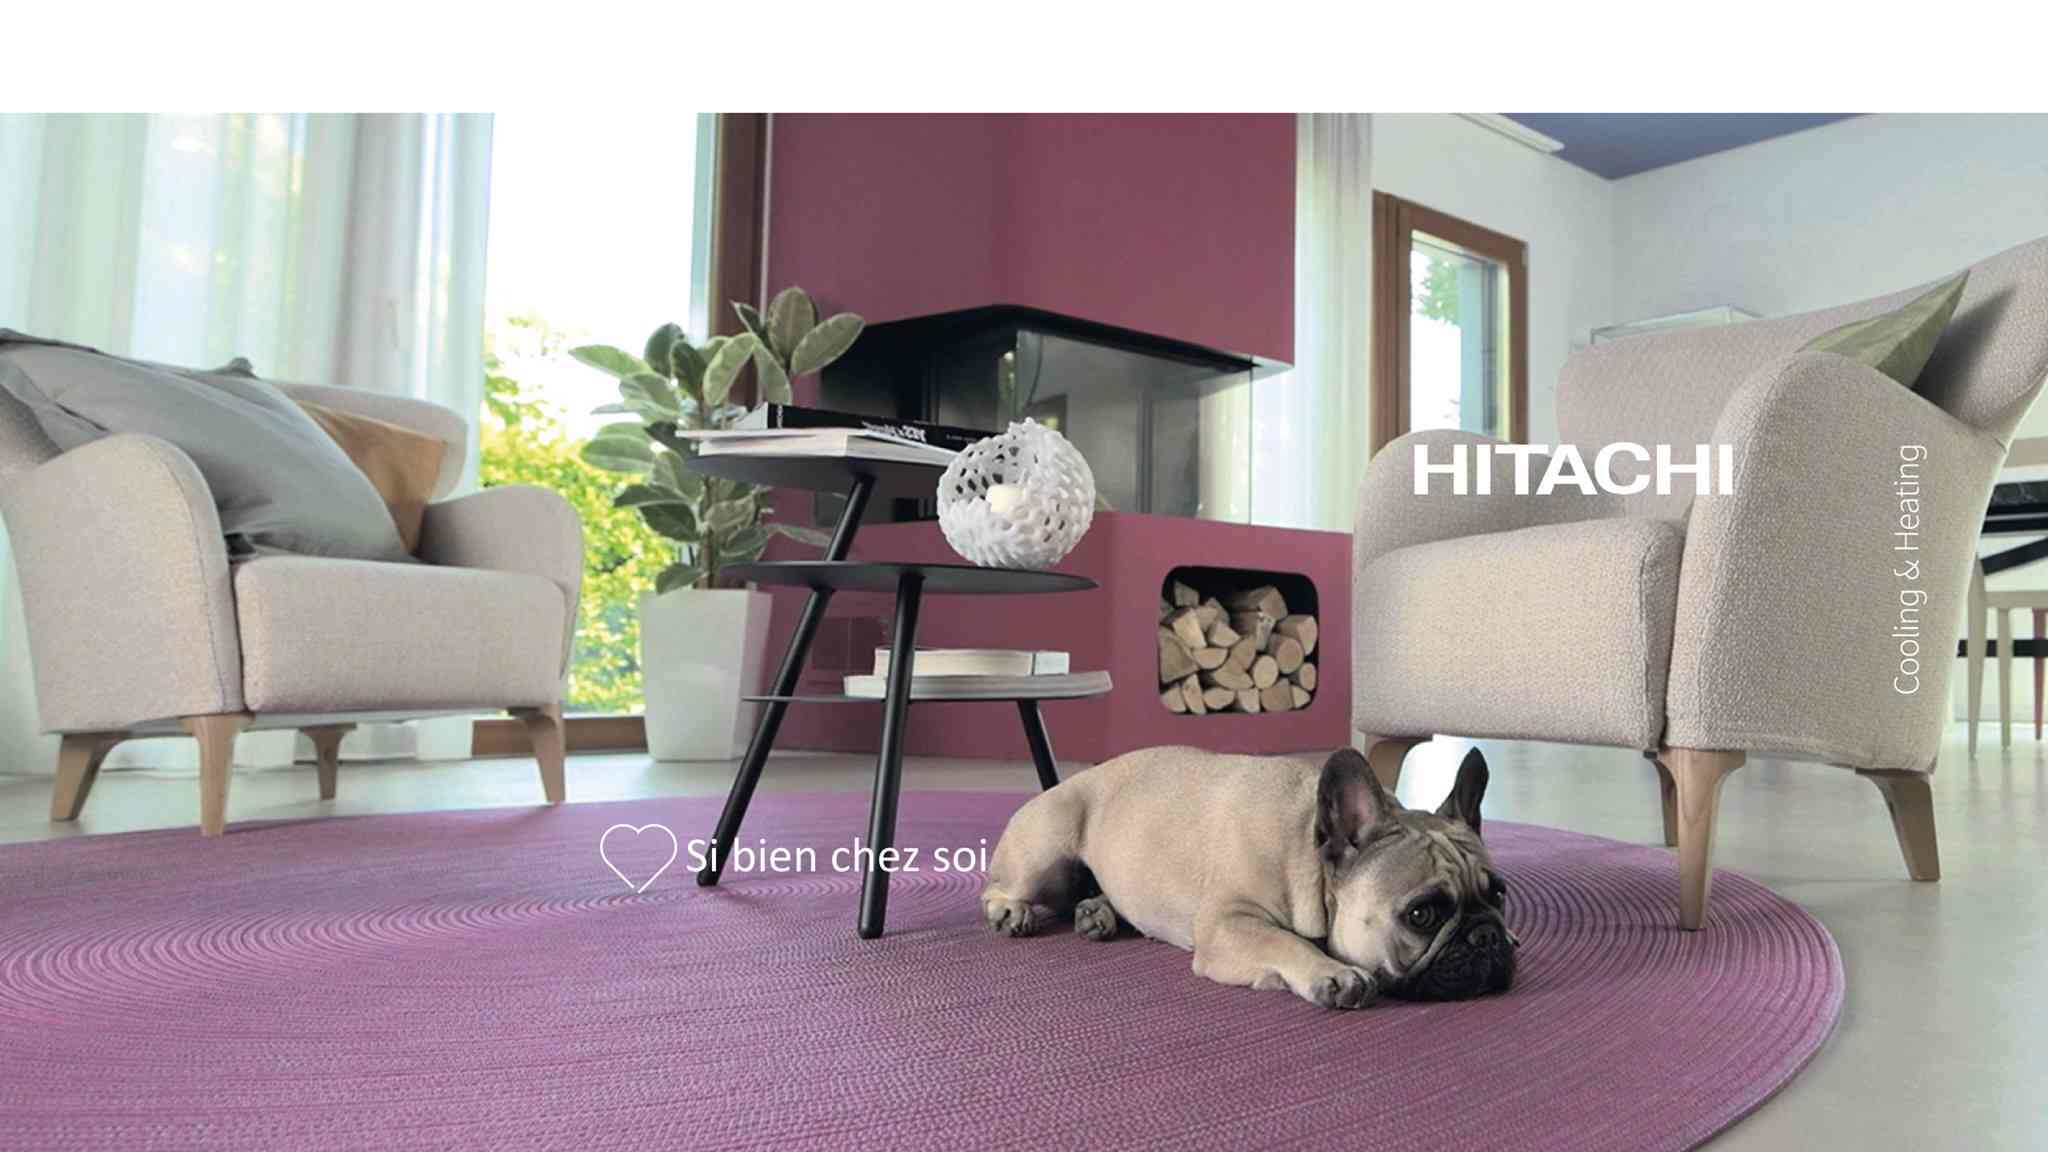 Tout savoir sur la marque Hitachi, spécialiste des pompes à chaleur!